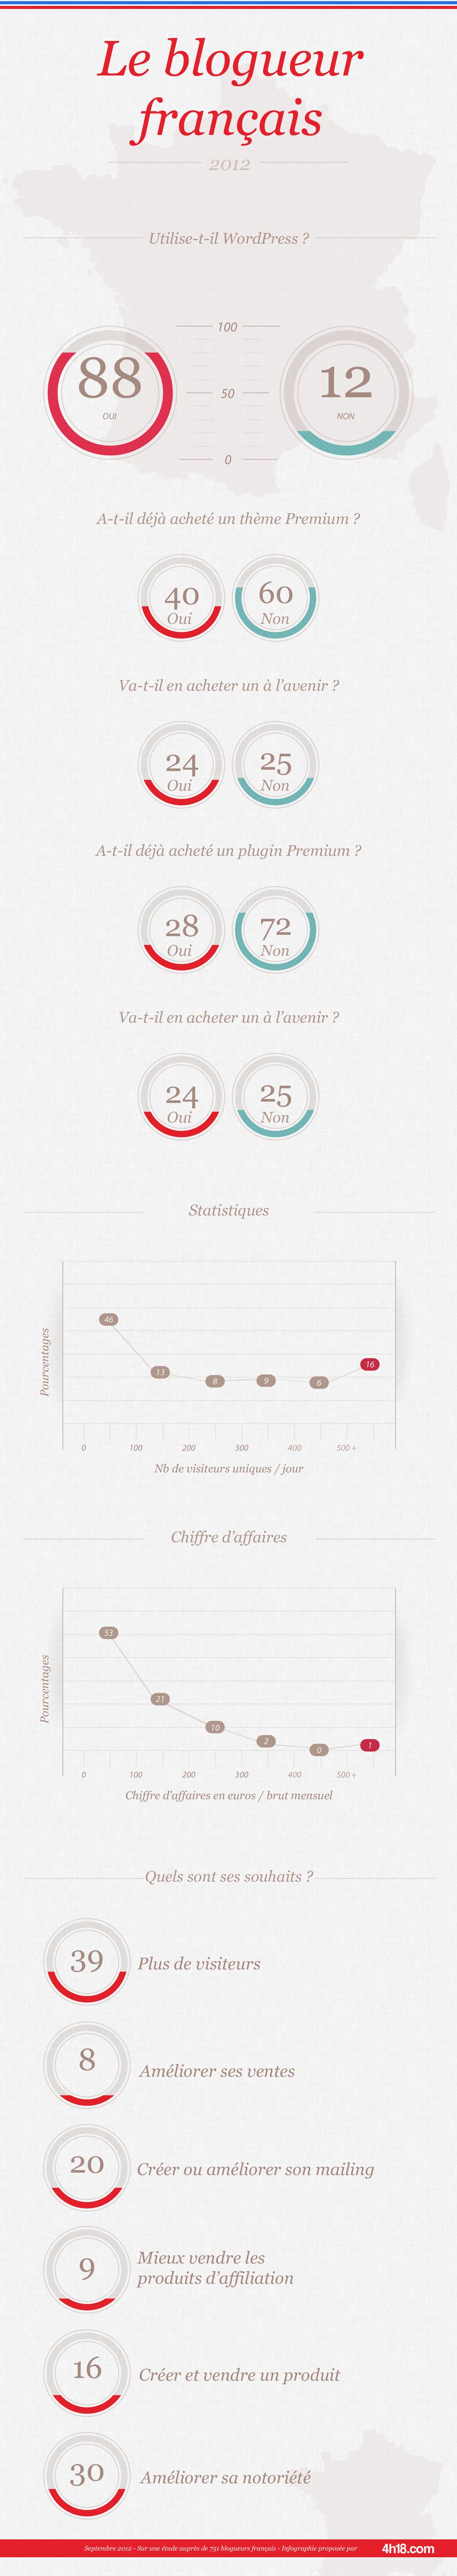 infographie sur la blogosphère française